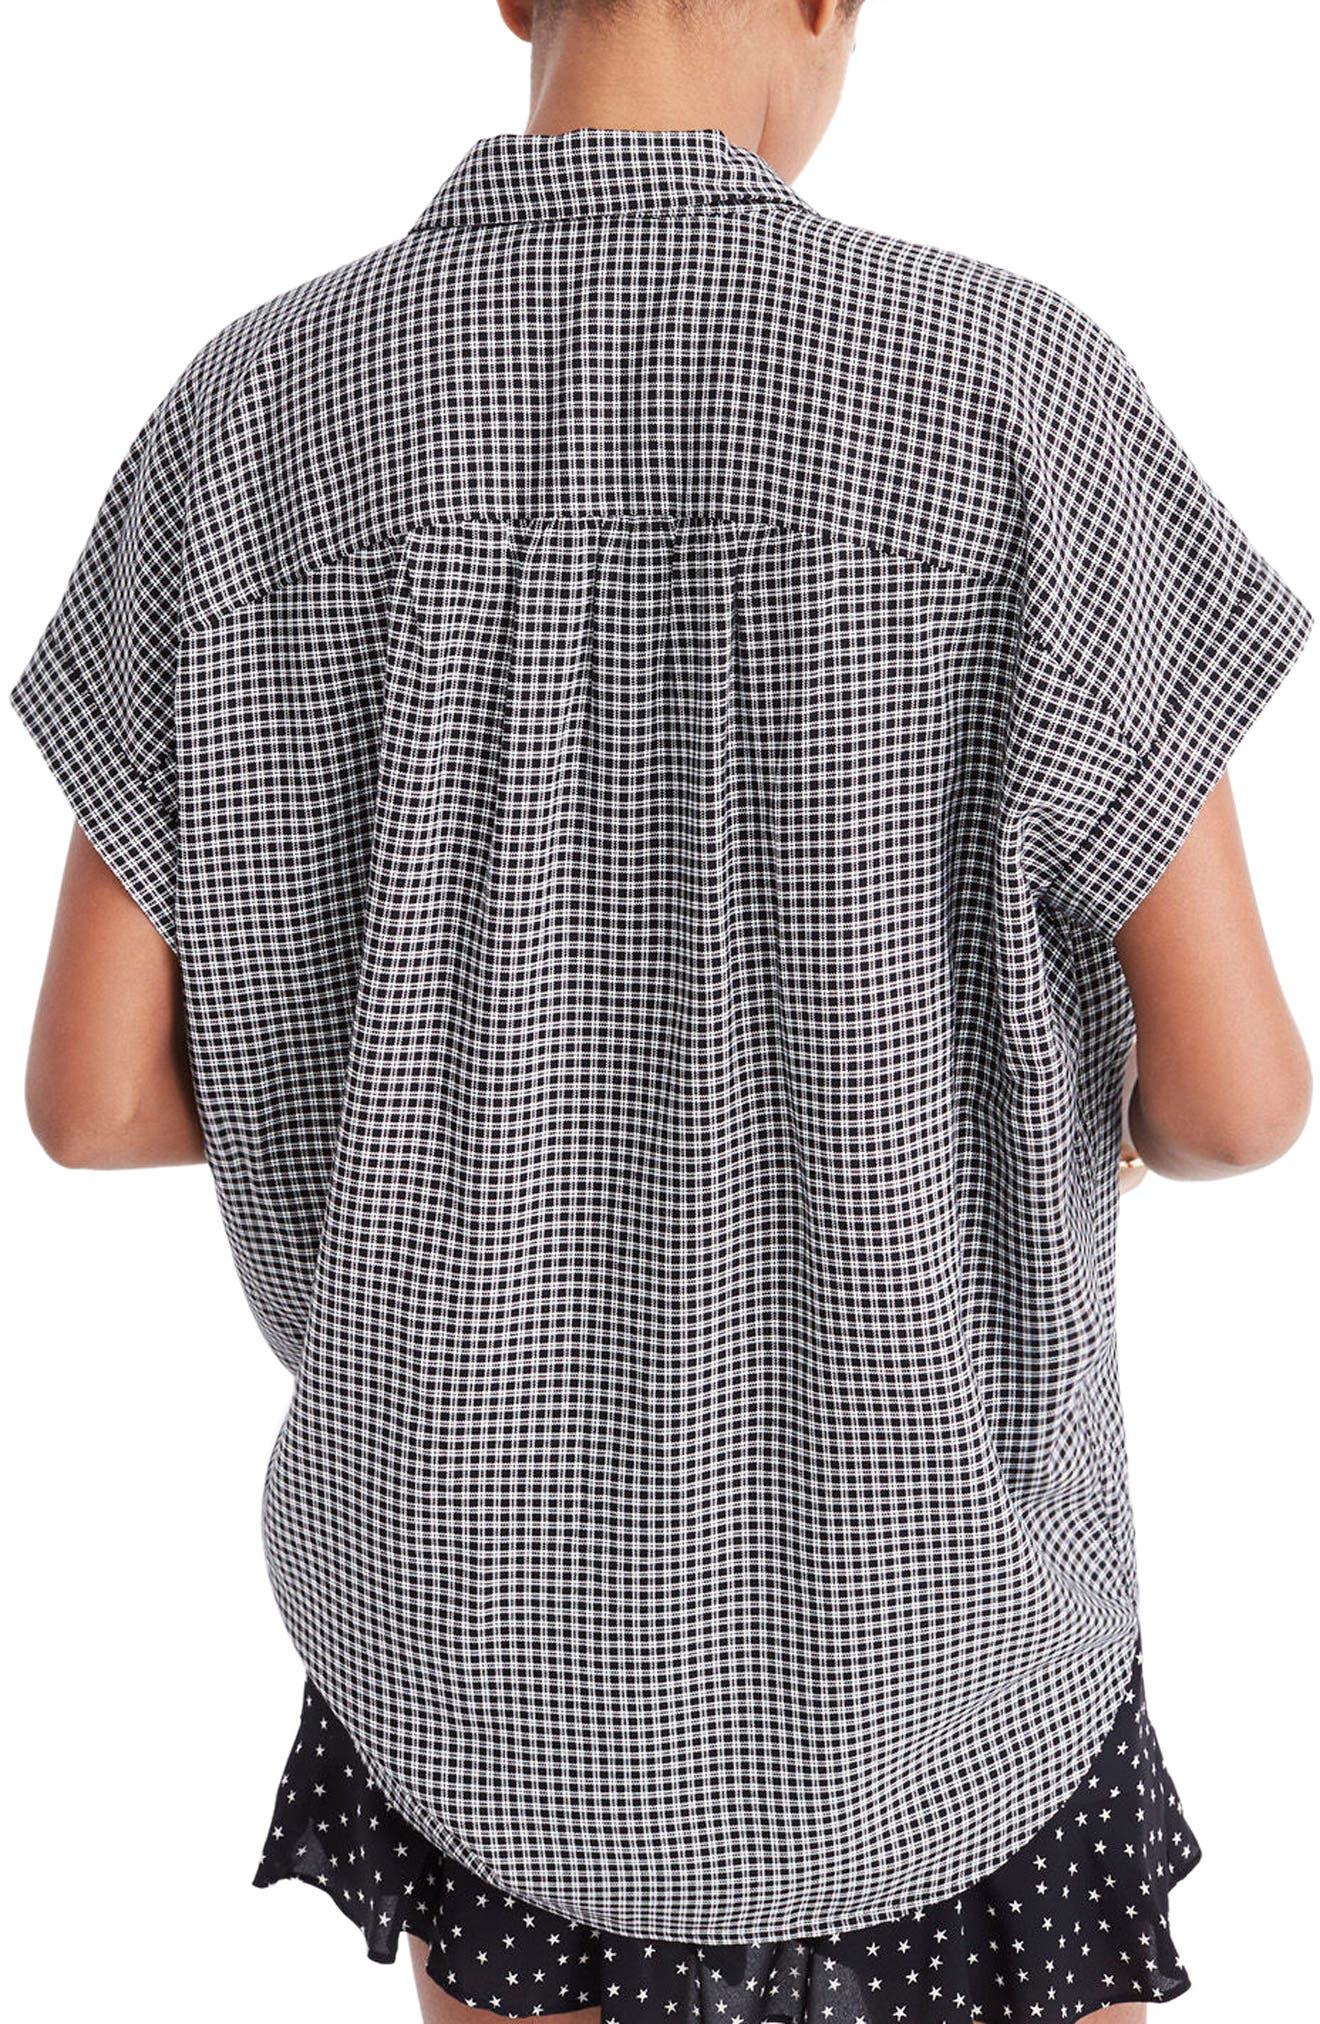 Central Plaid Shirt,                             Alternate thumbnail 2, color,                             009